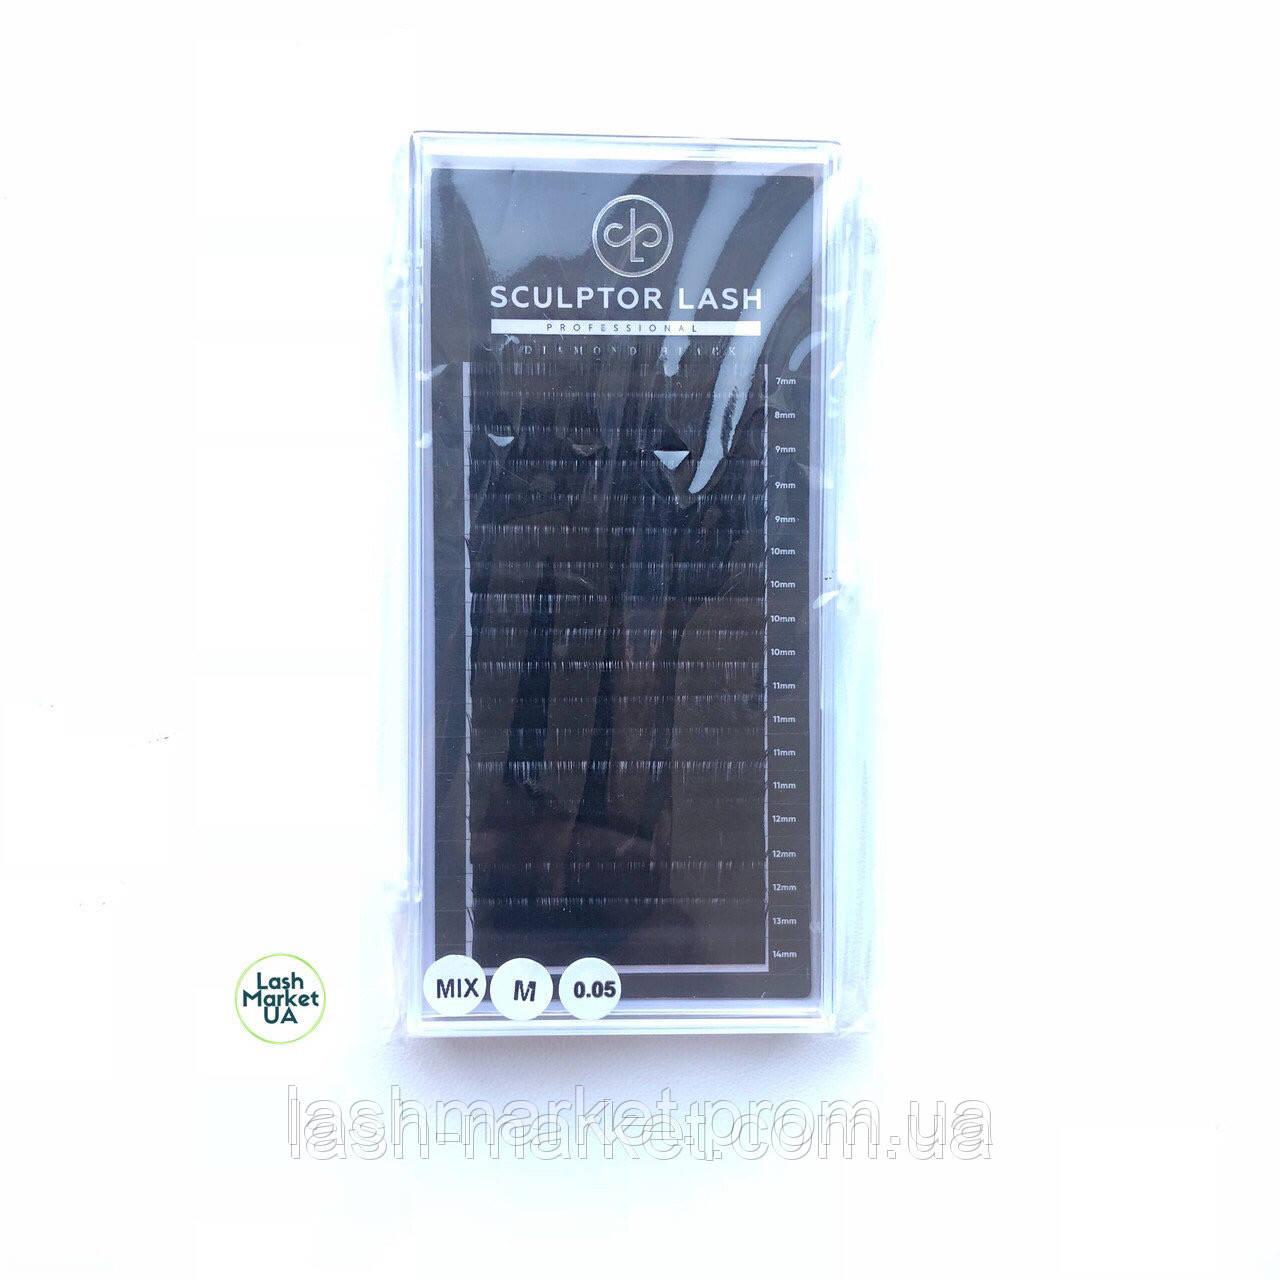 Ресницы Sculptor Lash Diamond Black mix М 0,07 (7-14)